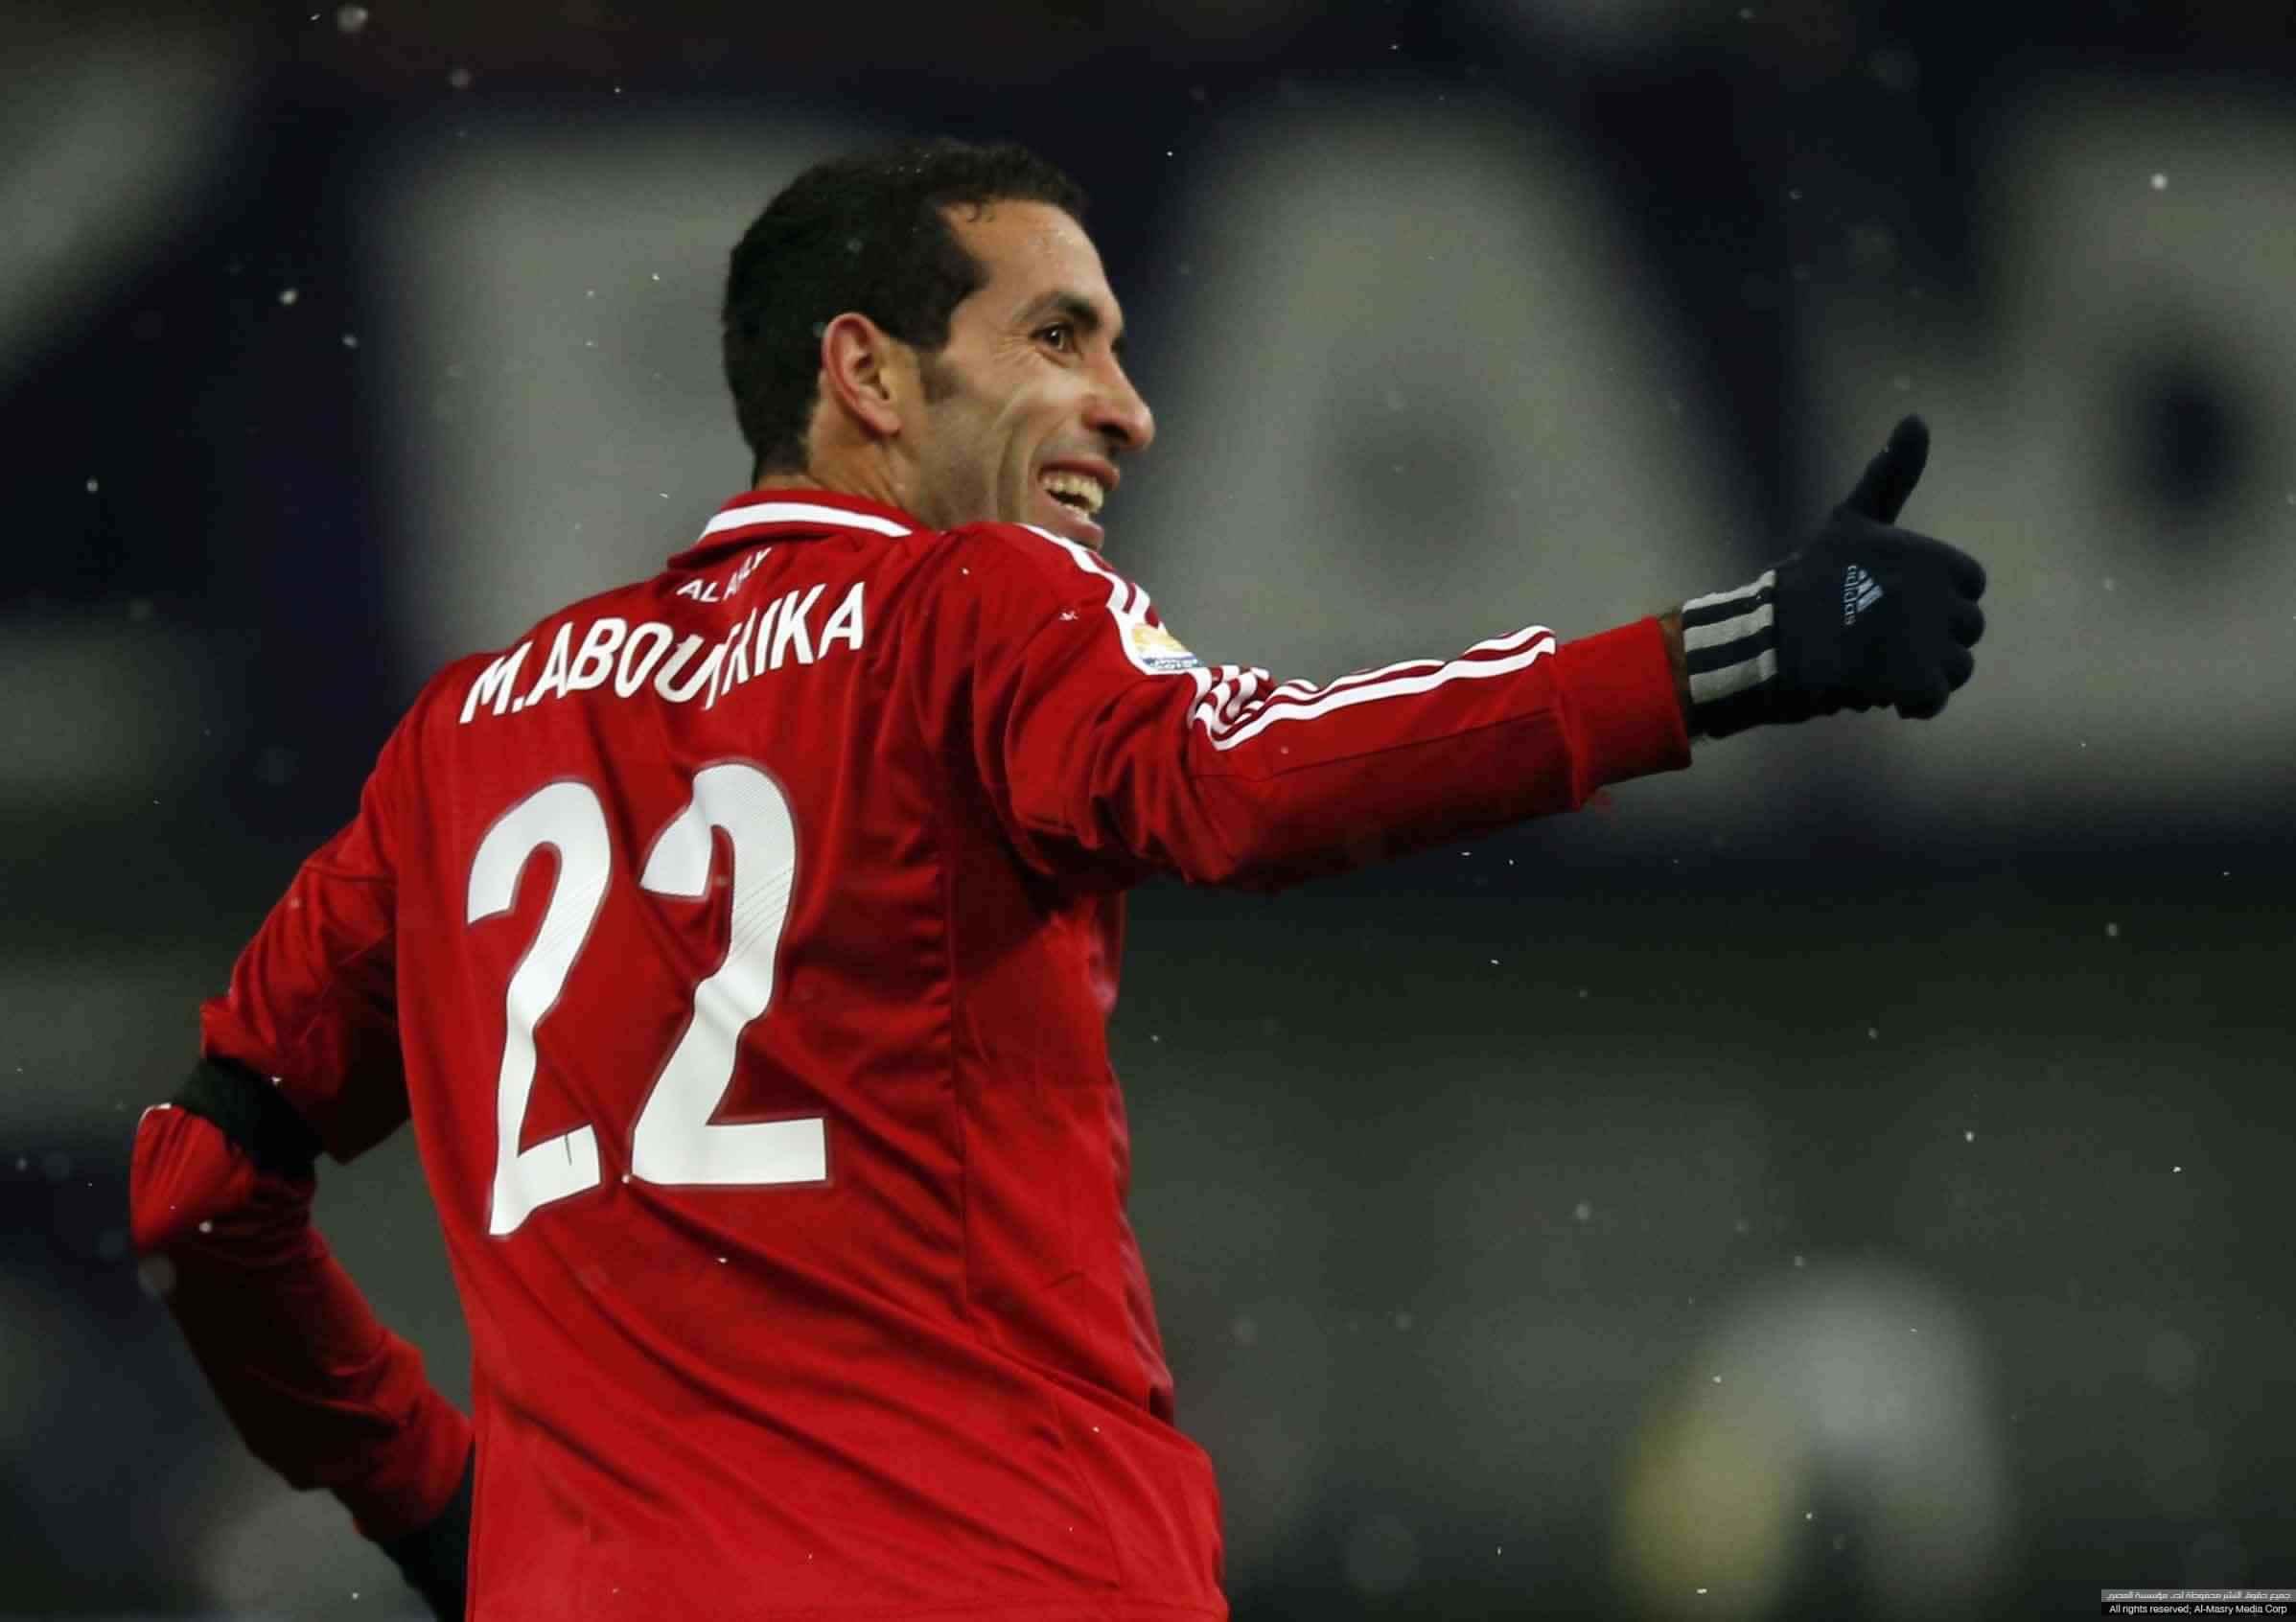 محمد أبو تريكة يفوز في استفتاء الإتحاد الدولي لأحسن لاعب مصري في التاريخ